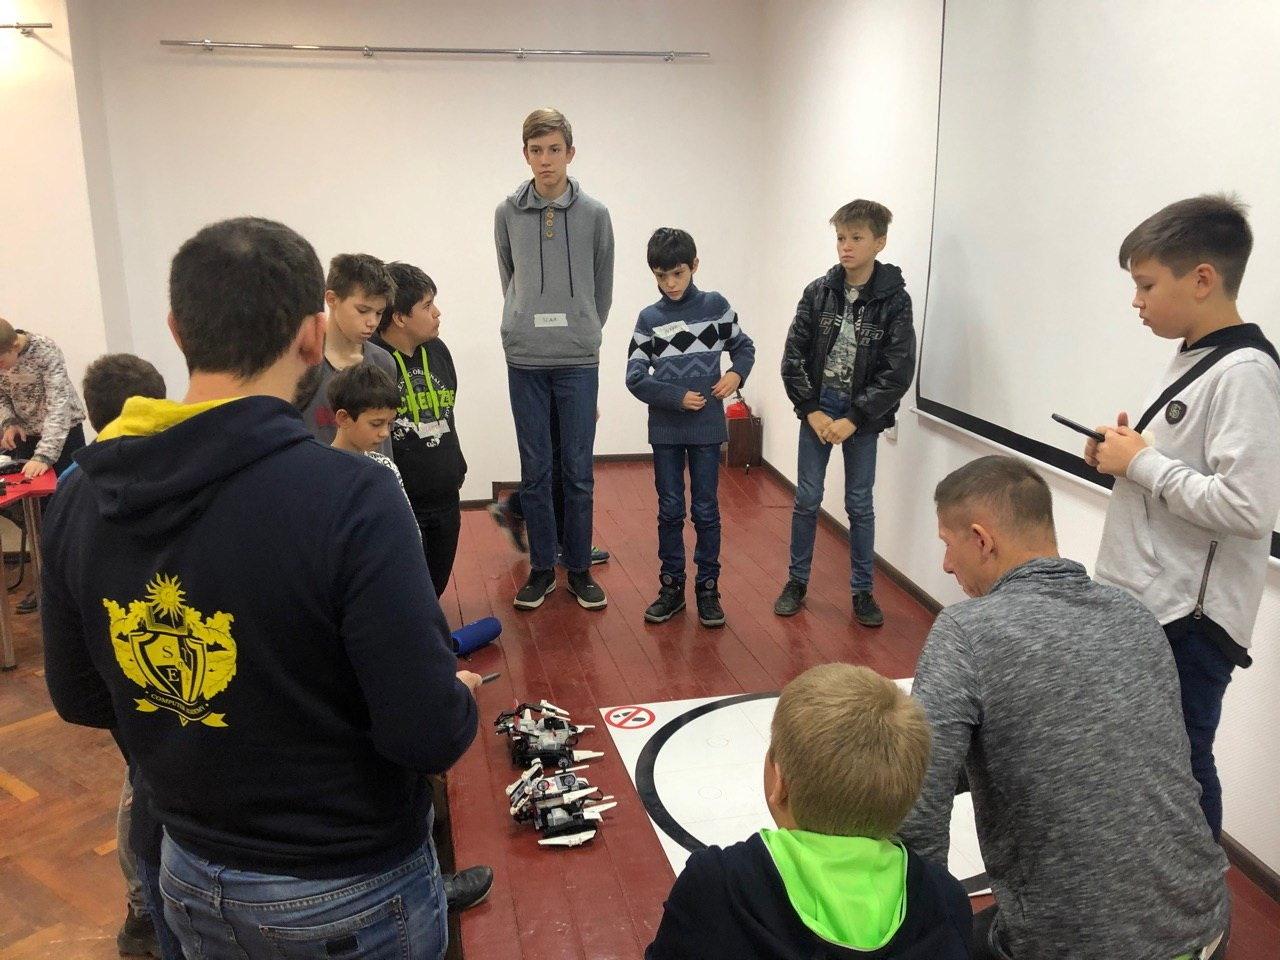 Діти та роботи: У Дружківці вперше відбувся дводенний курс-інтенсив з робототехніки (ФОТО), фото-4